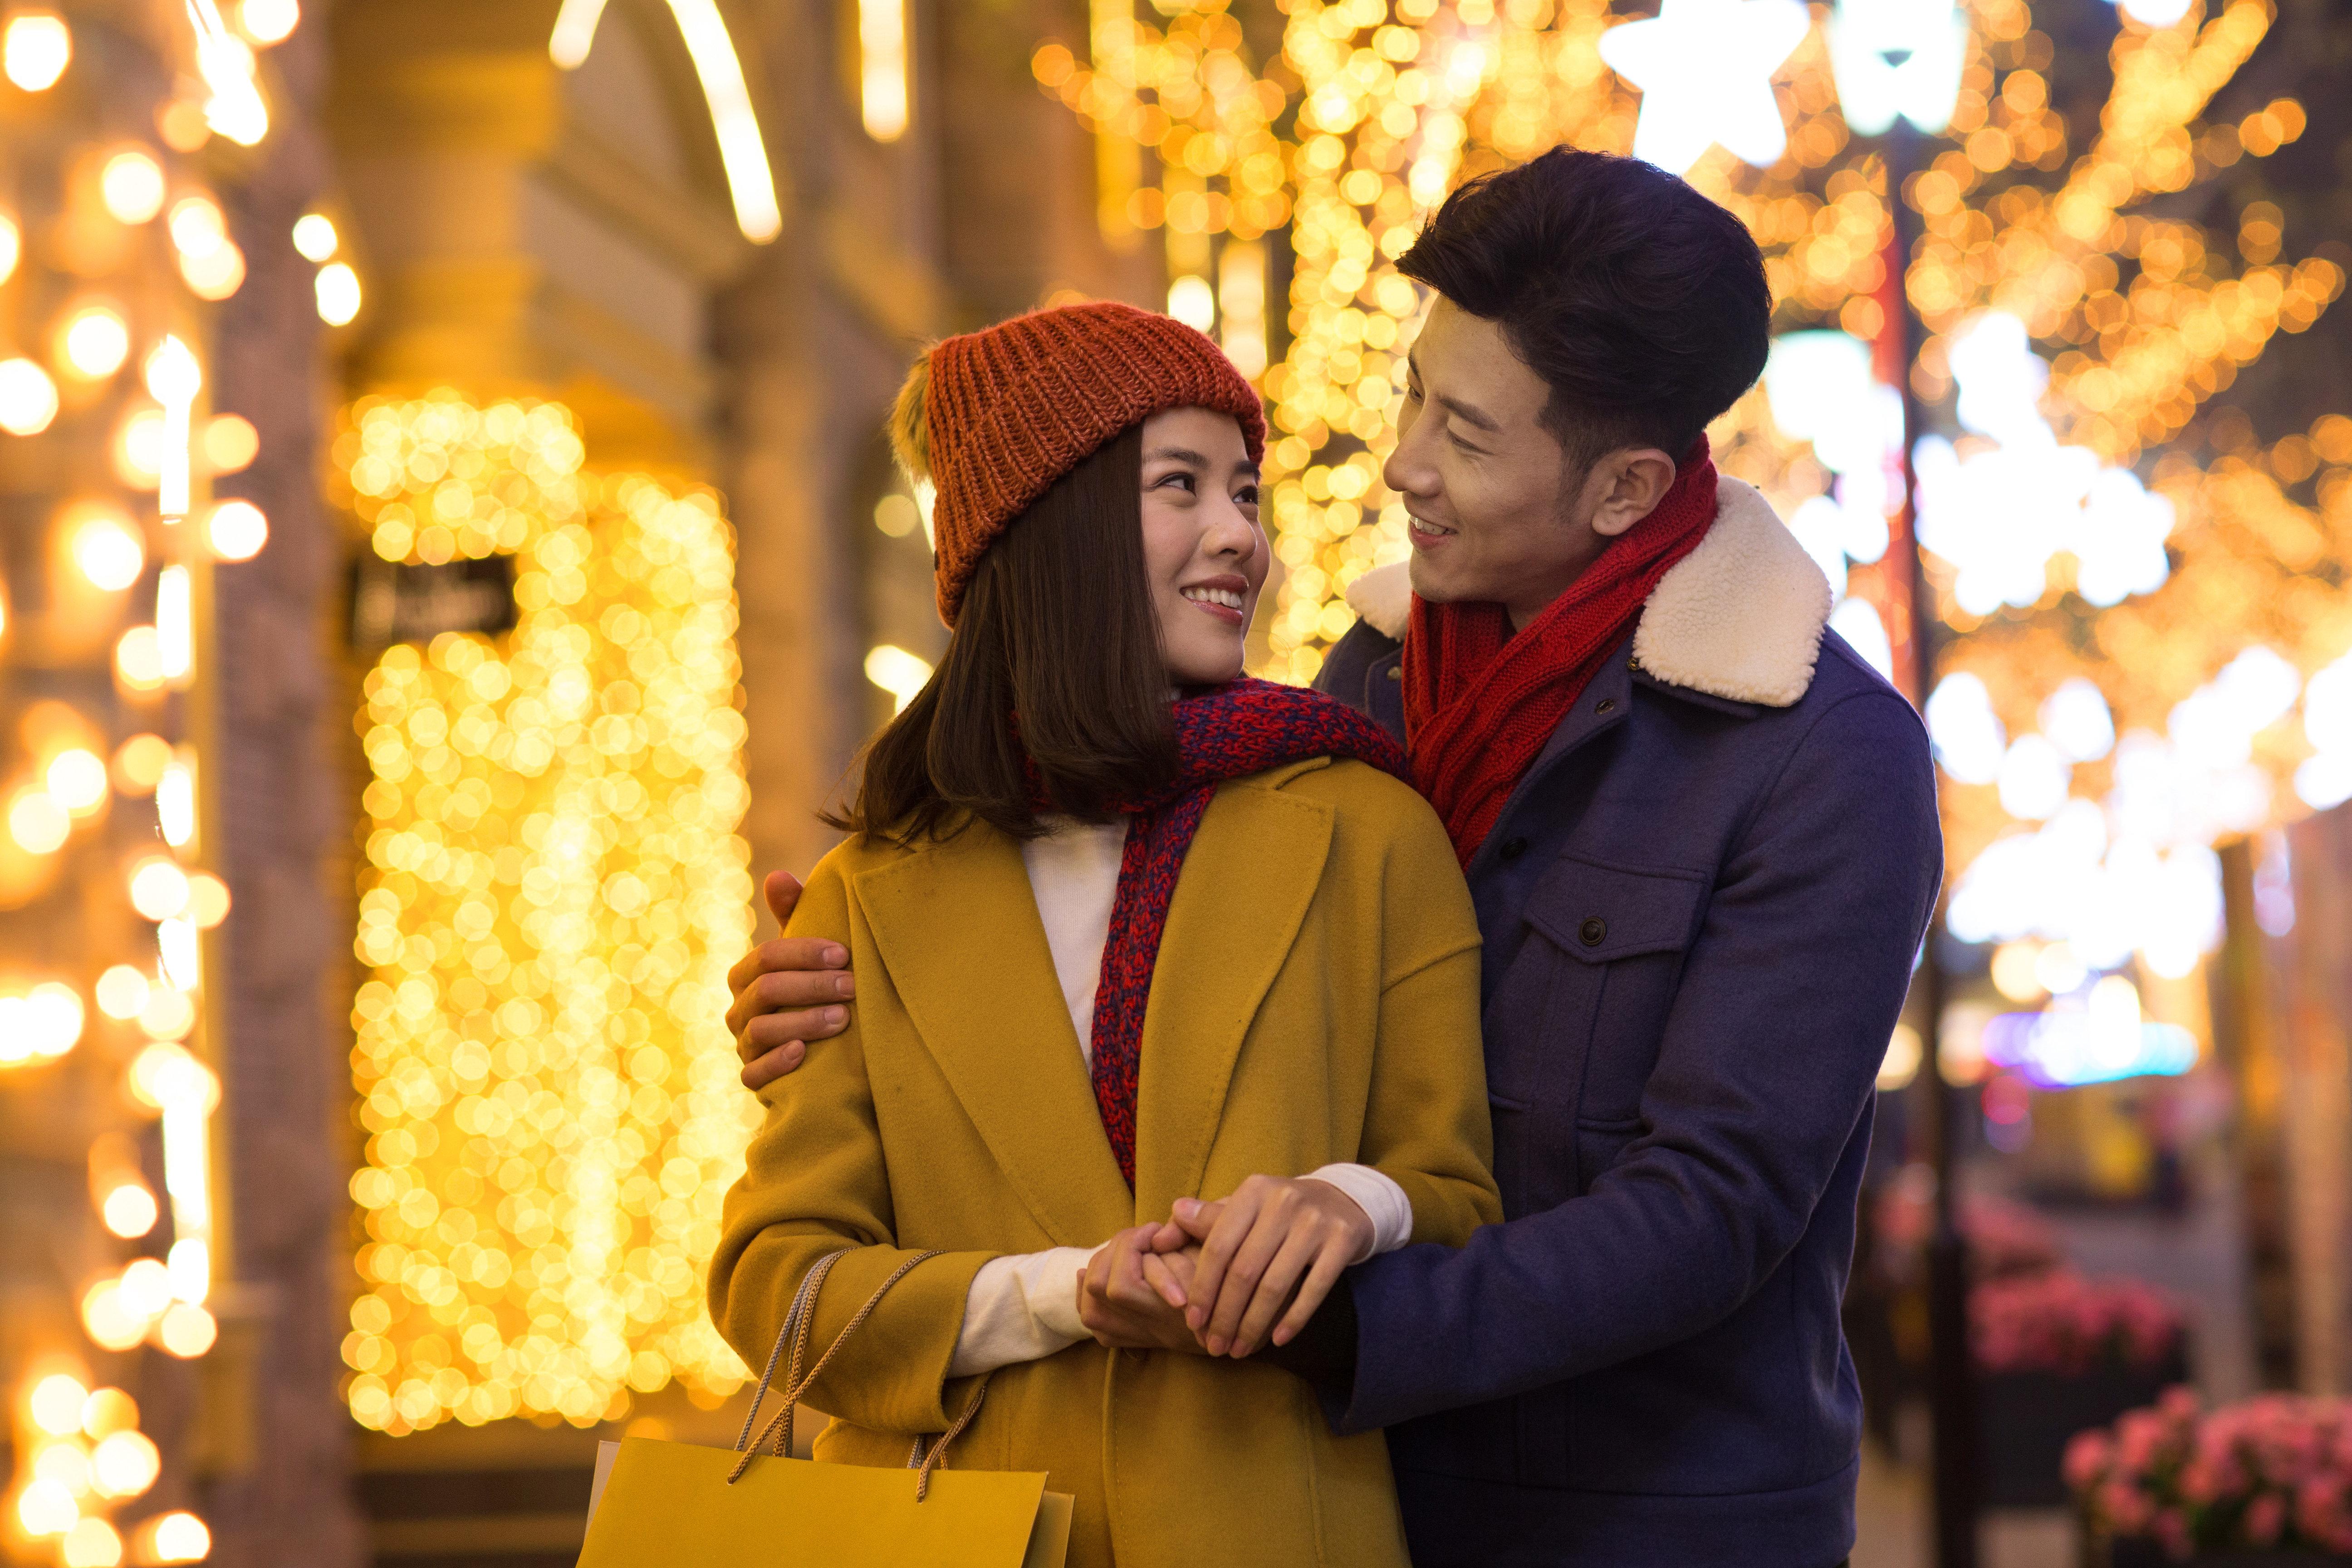 전문가들이 추천하는, 새해부터 더 좋은 관계를 만드는 비법